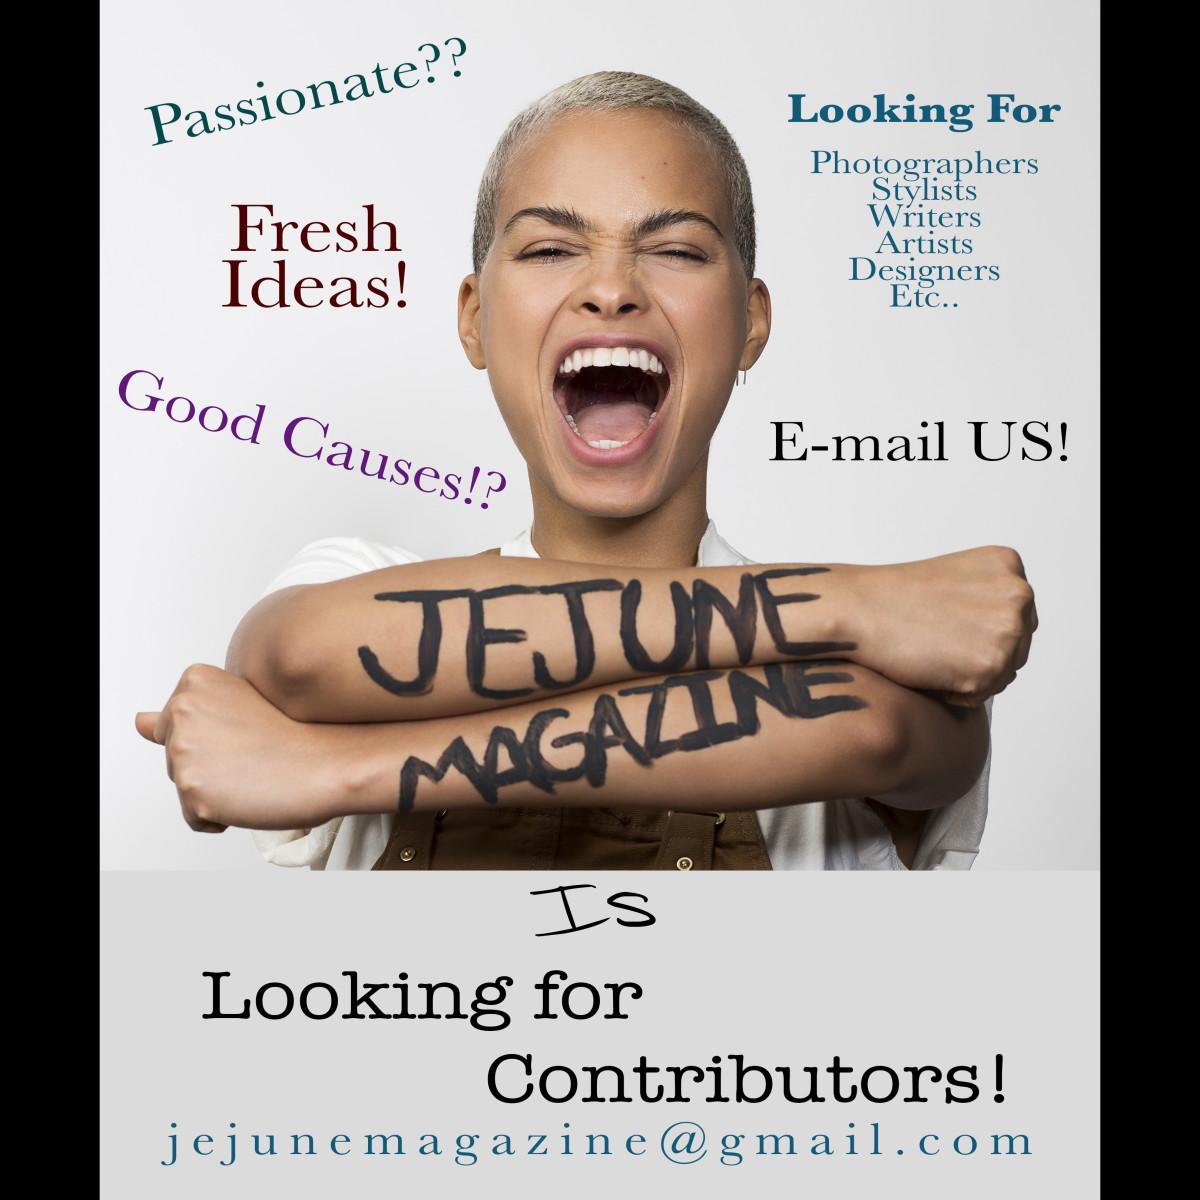 jejune magazine